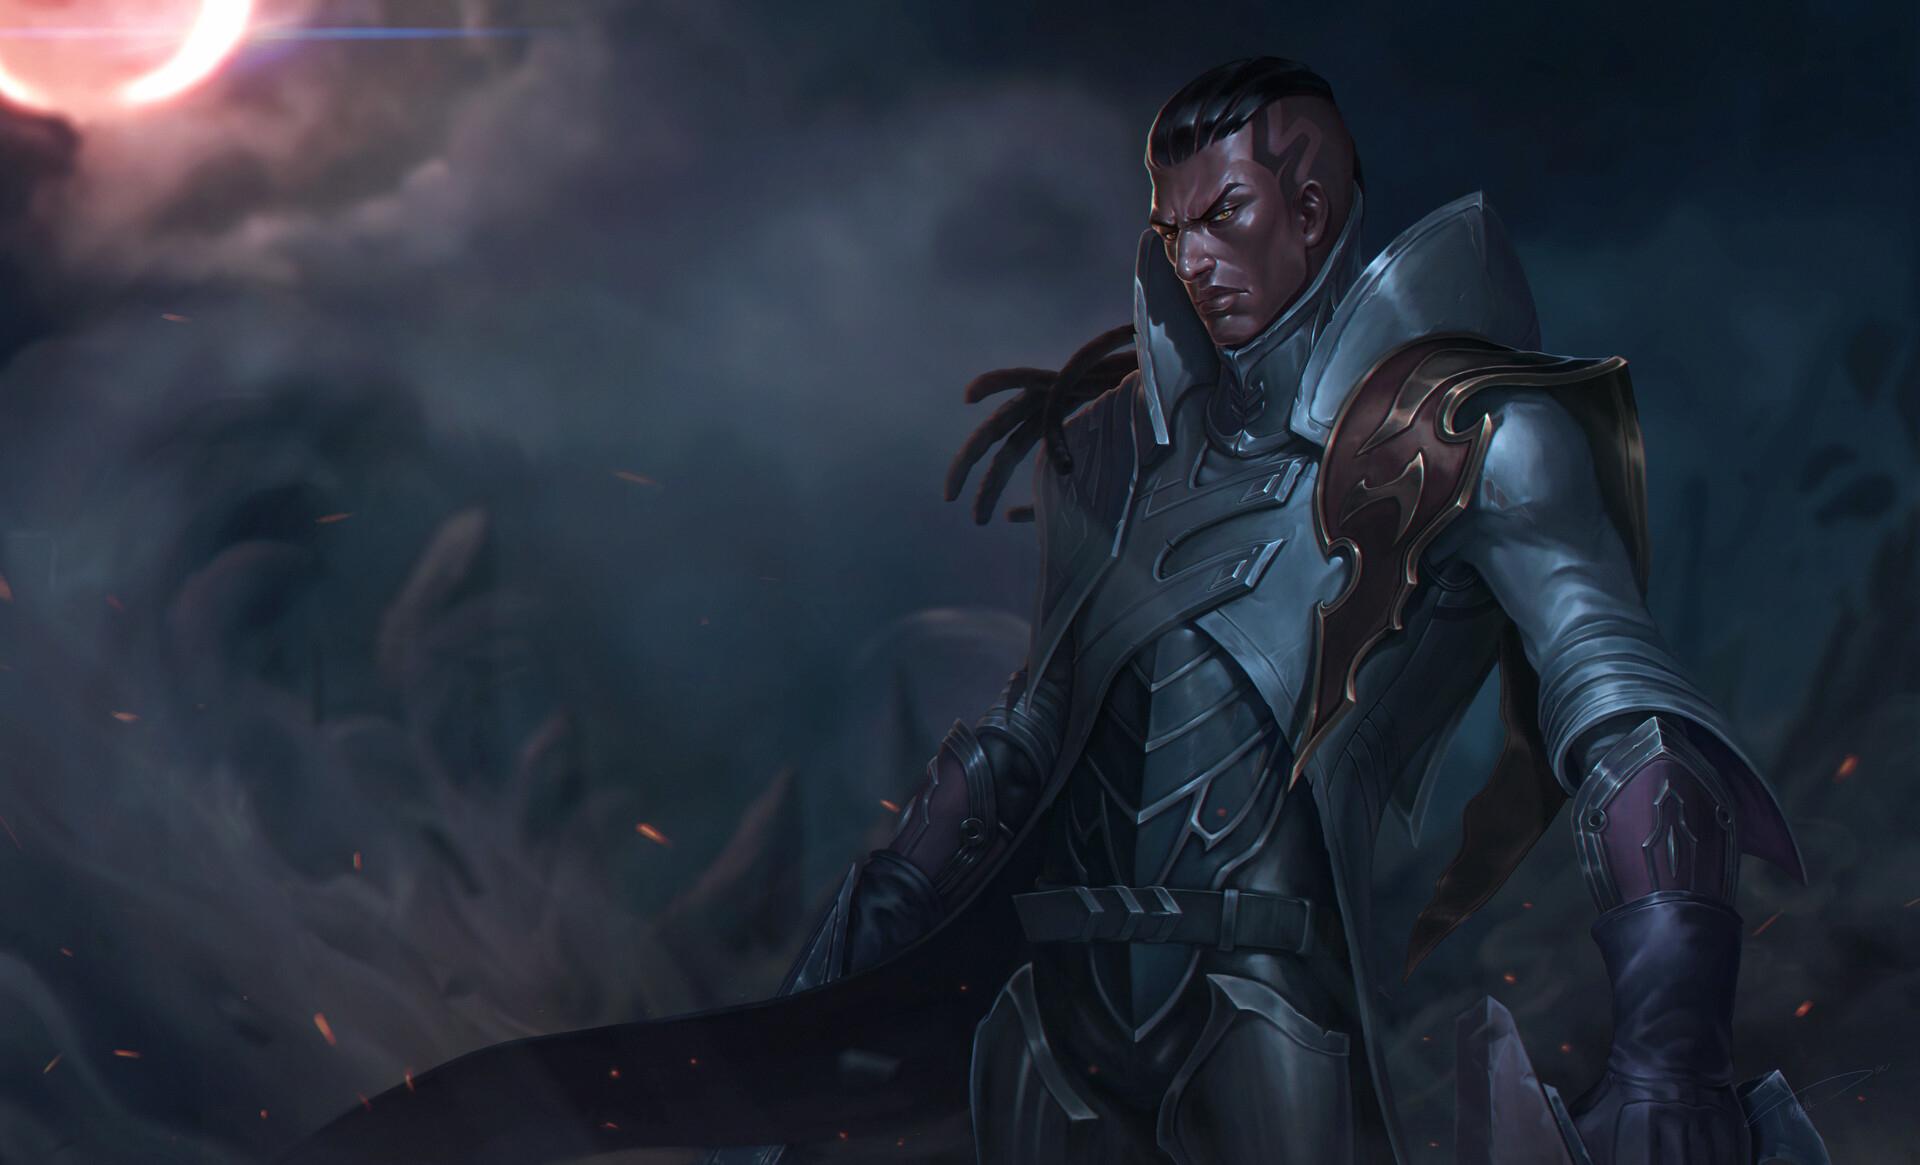 Lucian League Of Legends Wallpaper, HD Games 4K Wallpapers ...